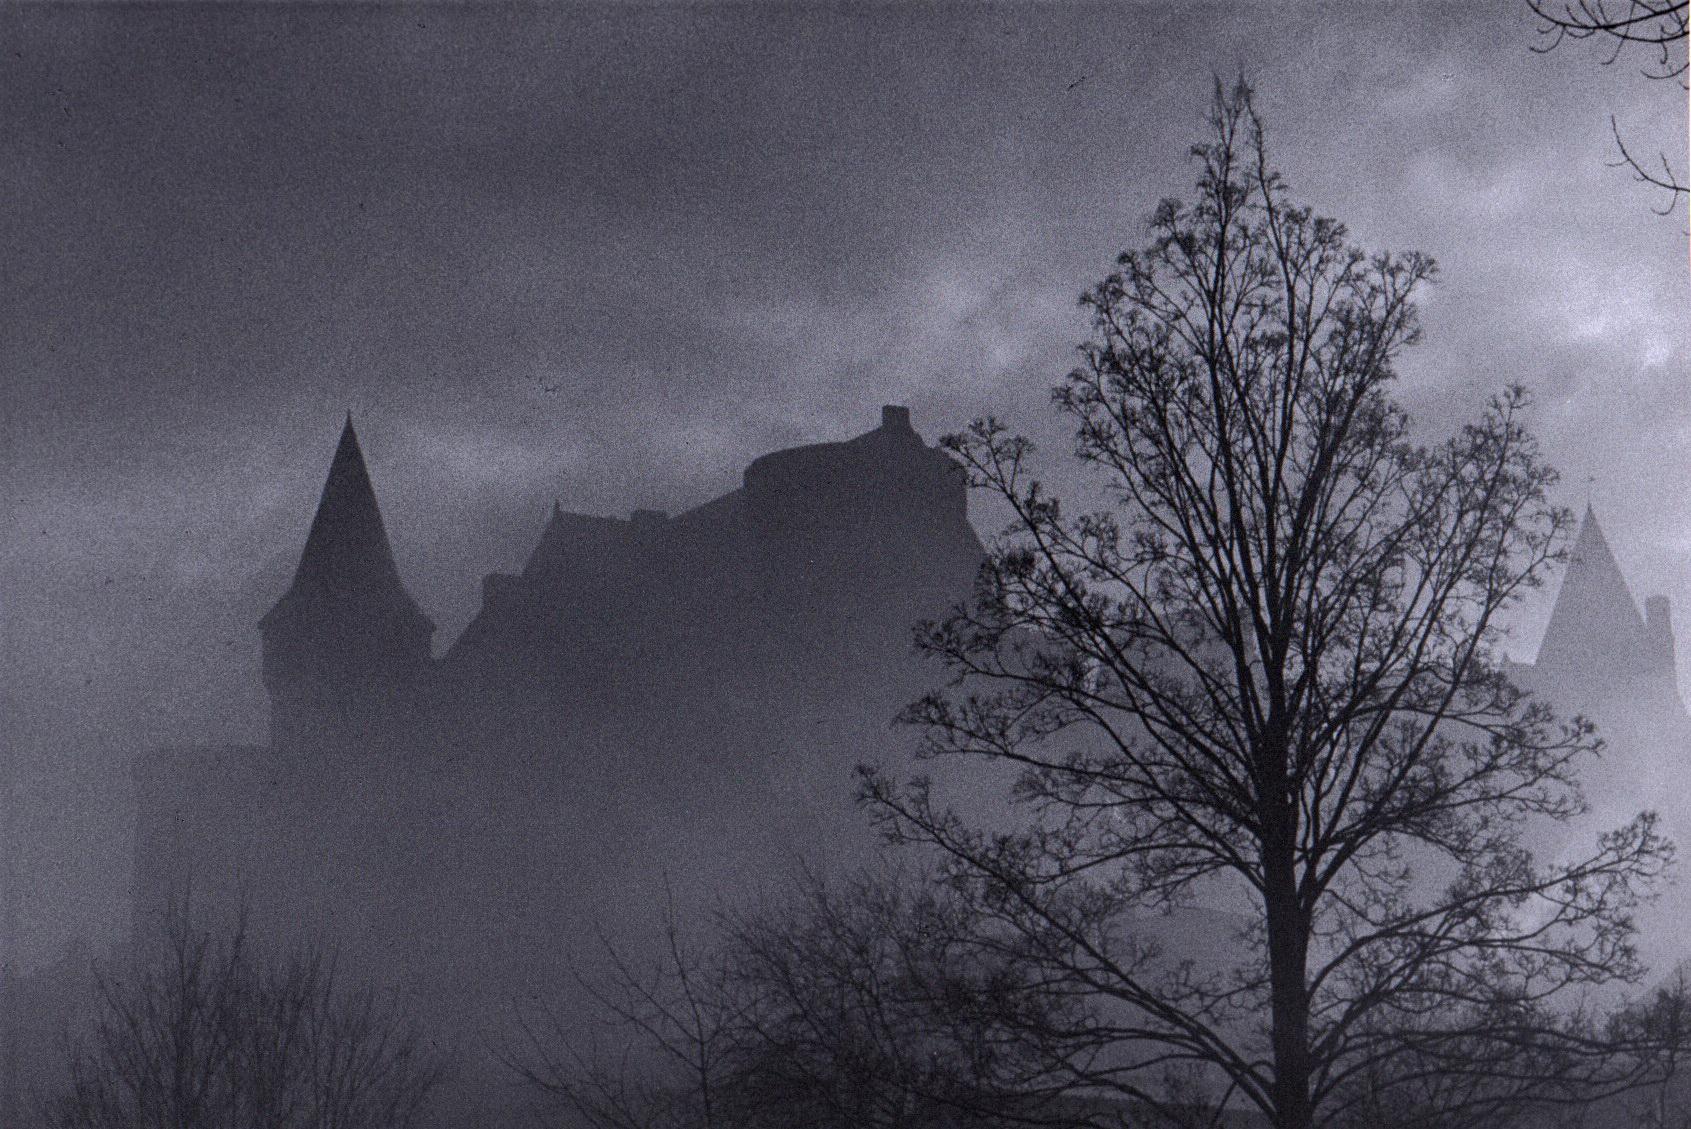 Chateau des brumes